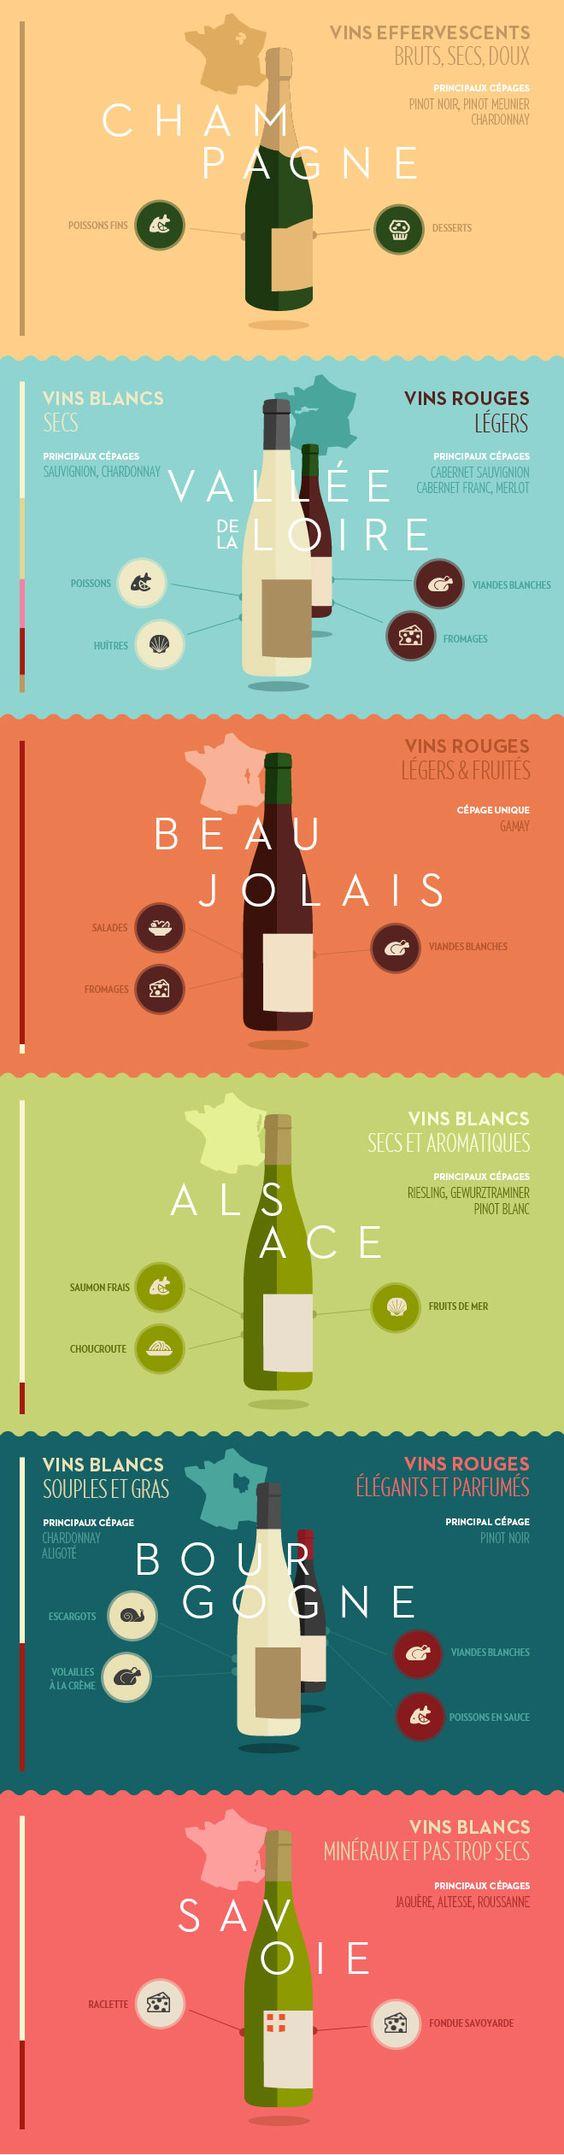 Infographie - Types de vins des vignobles du nord - toulevin.com